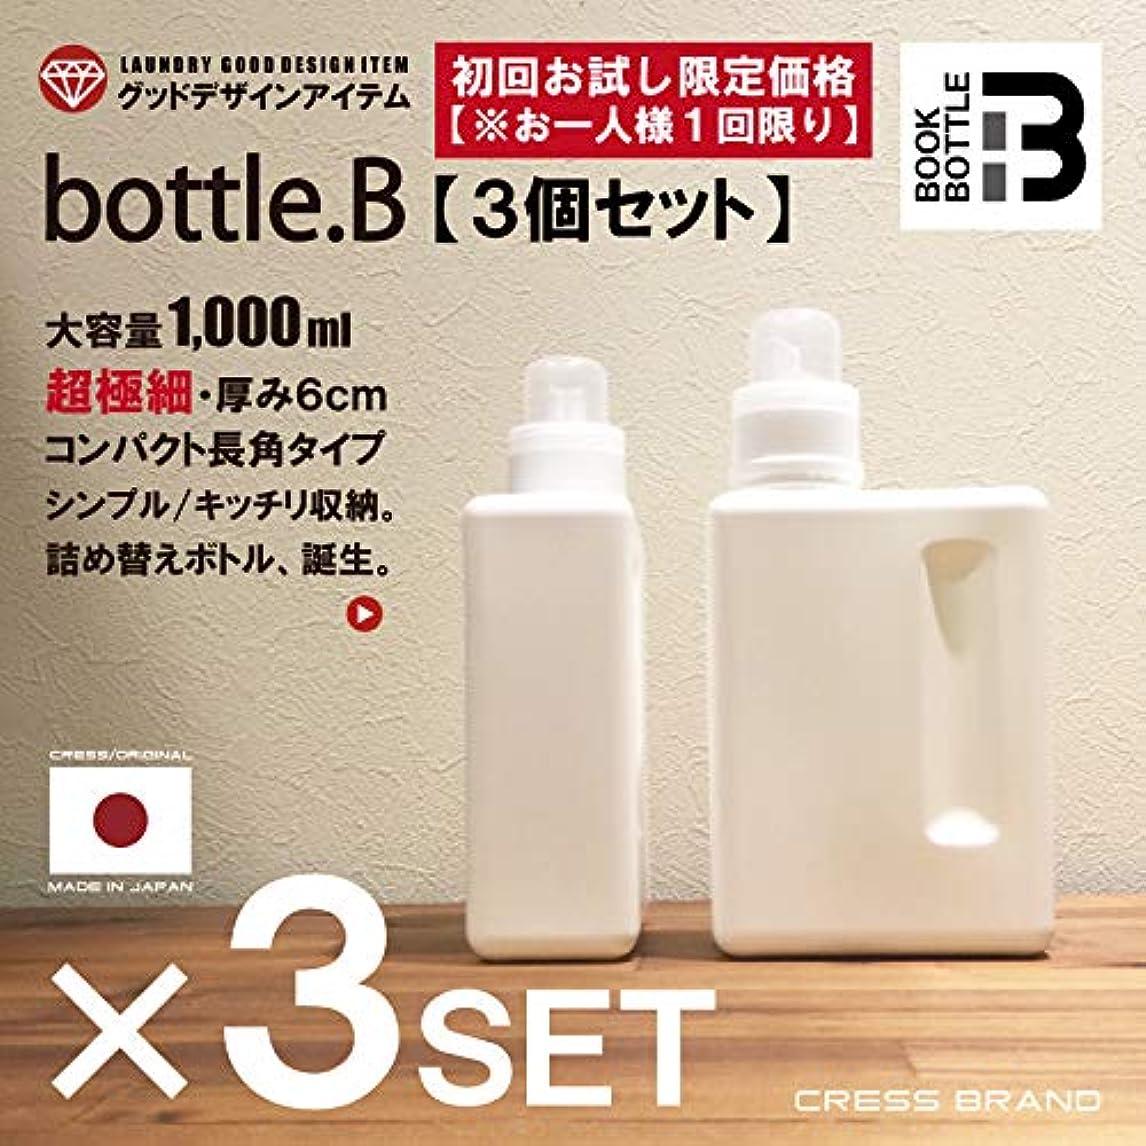 ベース石鹸バンジージャンプ<3個セット>bottle.B-3set【初回お試し限定価格?お一人さ様1回限り】[クレス?オリジナルボトル]1000ml BOOK-BOTTLE